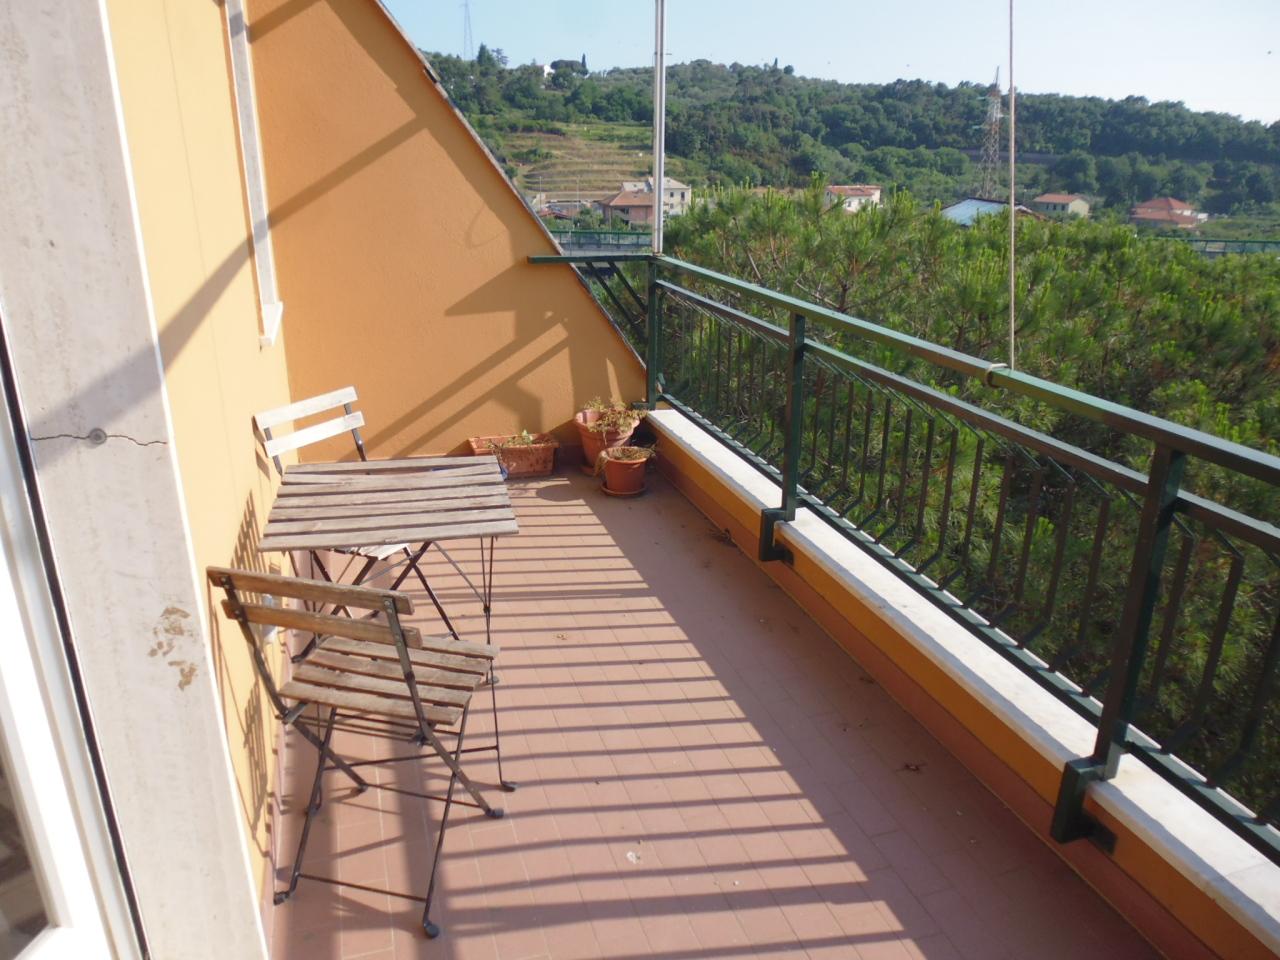 Attico / Mansarda in affitto a Casarza Ligure, 6 locali, prezzo € 500 | CambioCasa.it